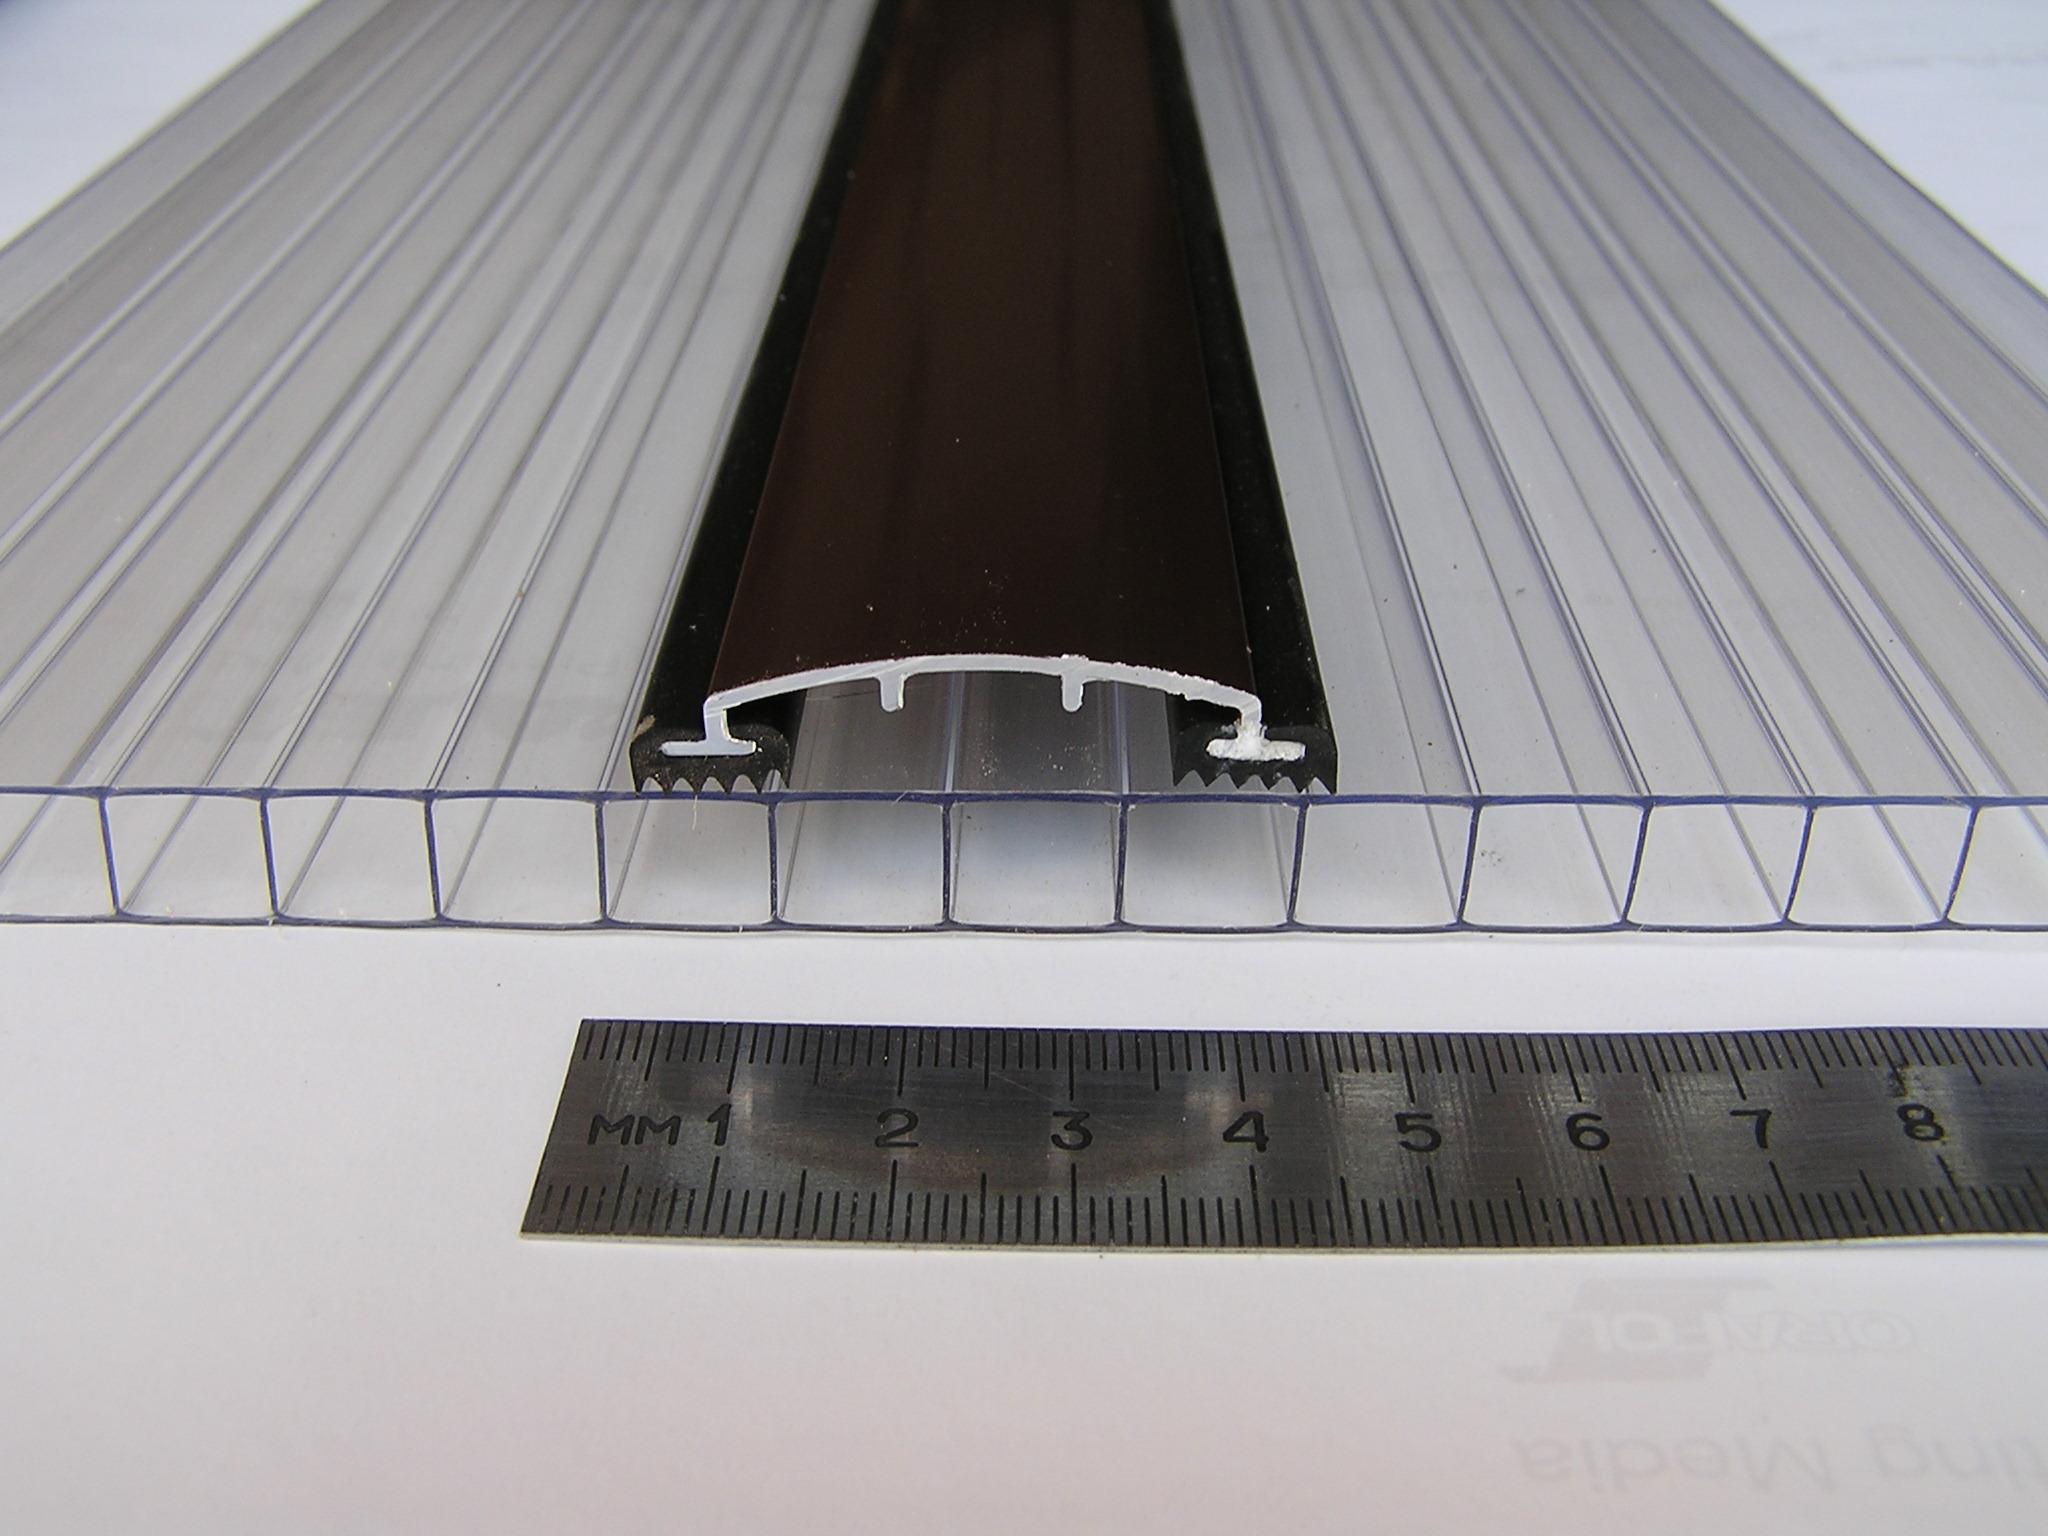 Профиль для поликарбоната прижимной, алюминиевый АД 40-7